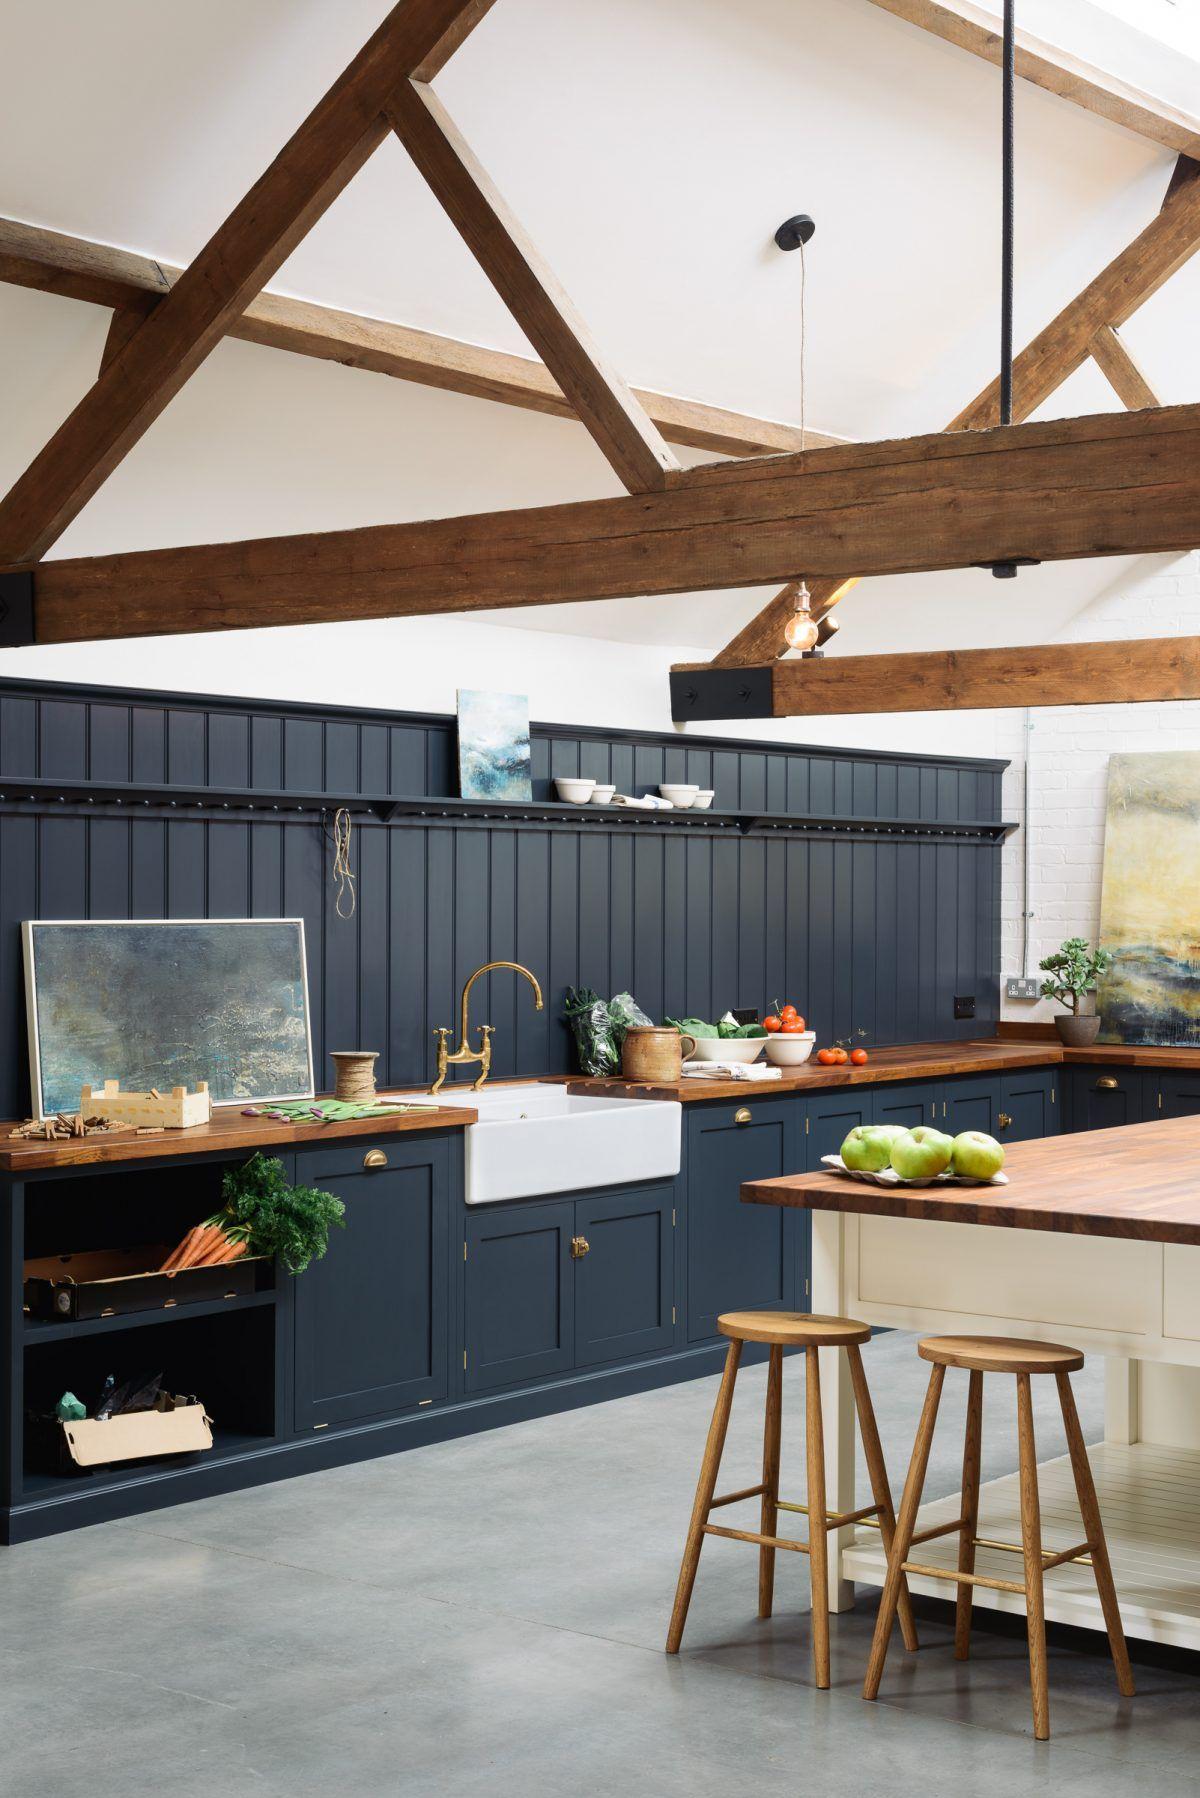 Victorian cattle barn conversion. Farmhouse Dreams